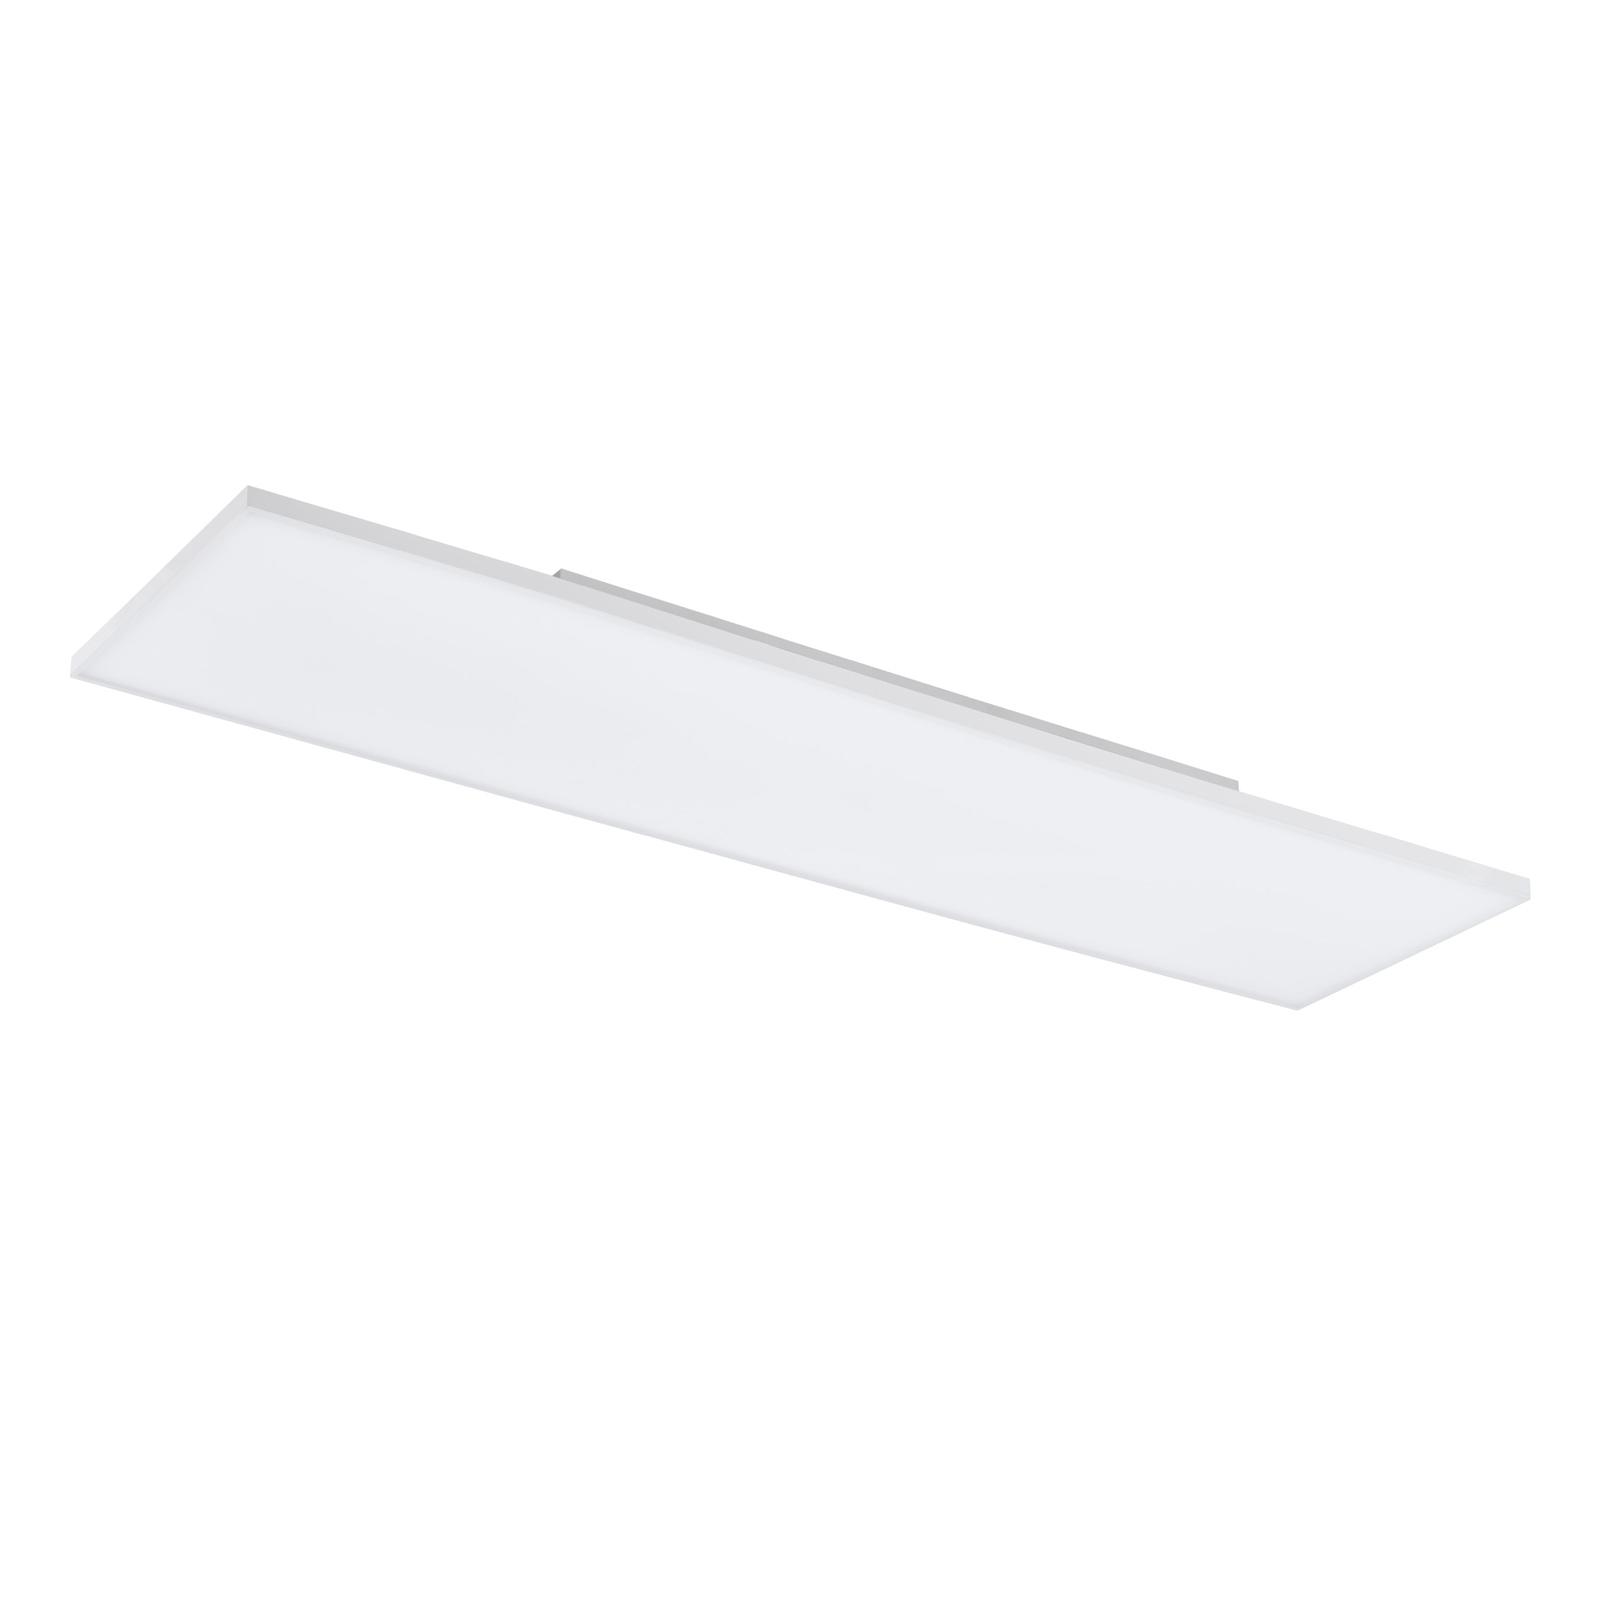 Lámpara LED de techo Turcona, 120 x 30 cm